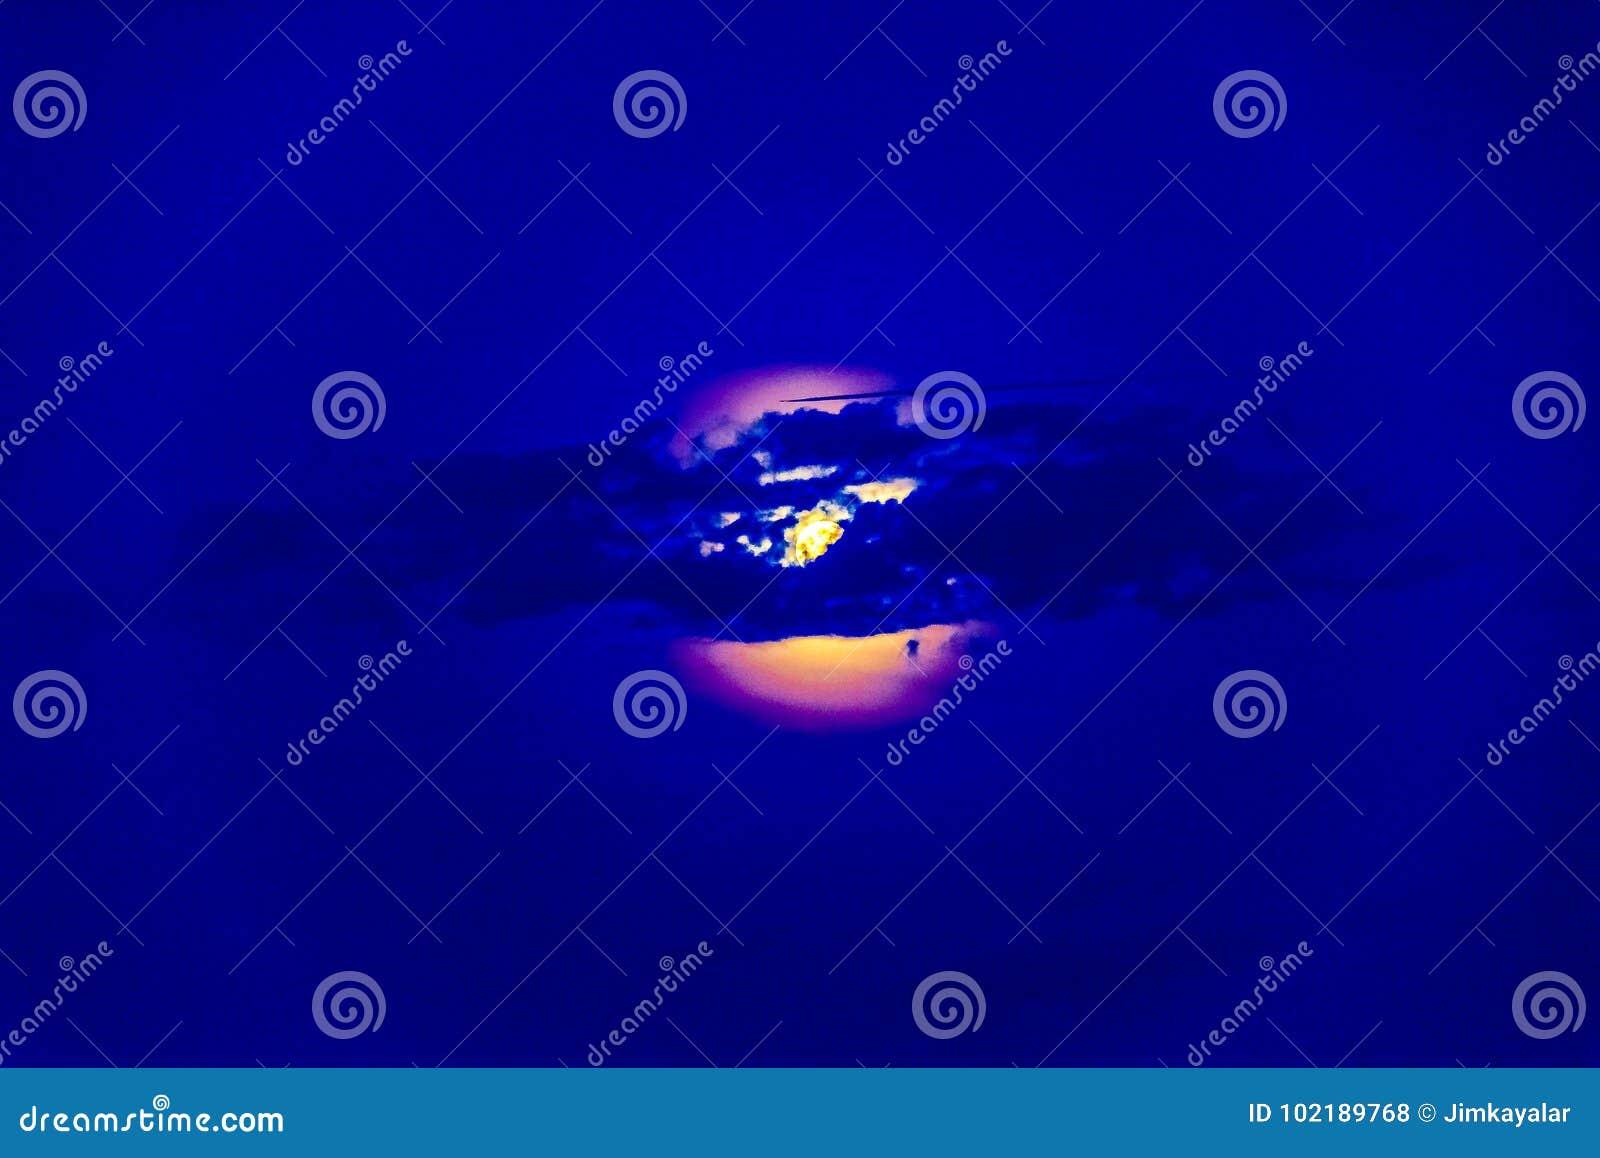 Abstract Bloody Moon Stock Illustration Illustration Of Sunset 102189768 Schau dir unsere auswahl an blood moon texture an, um die tollsten einzigartigen oder spezialgefertigten, handgemachten stücke aus unseren shops zu finden. dreamstime com